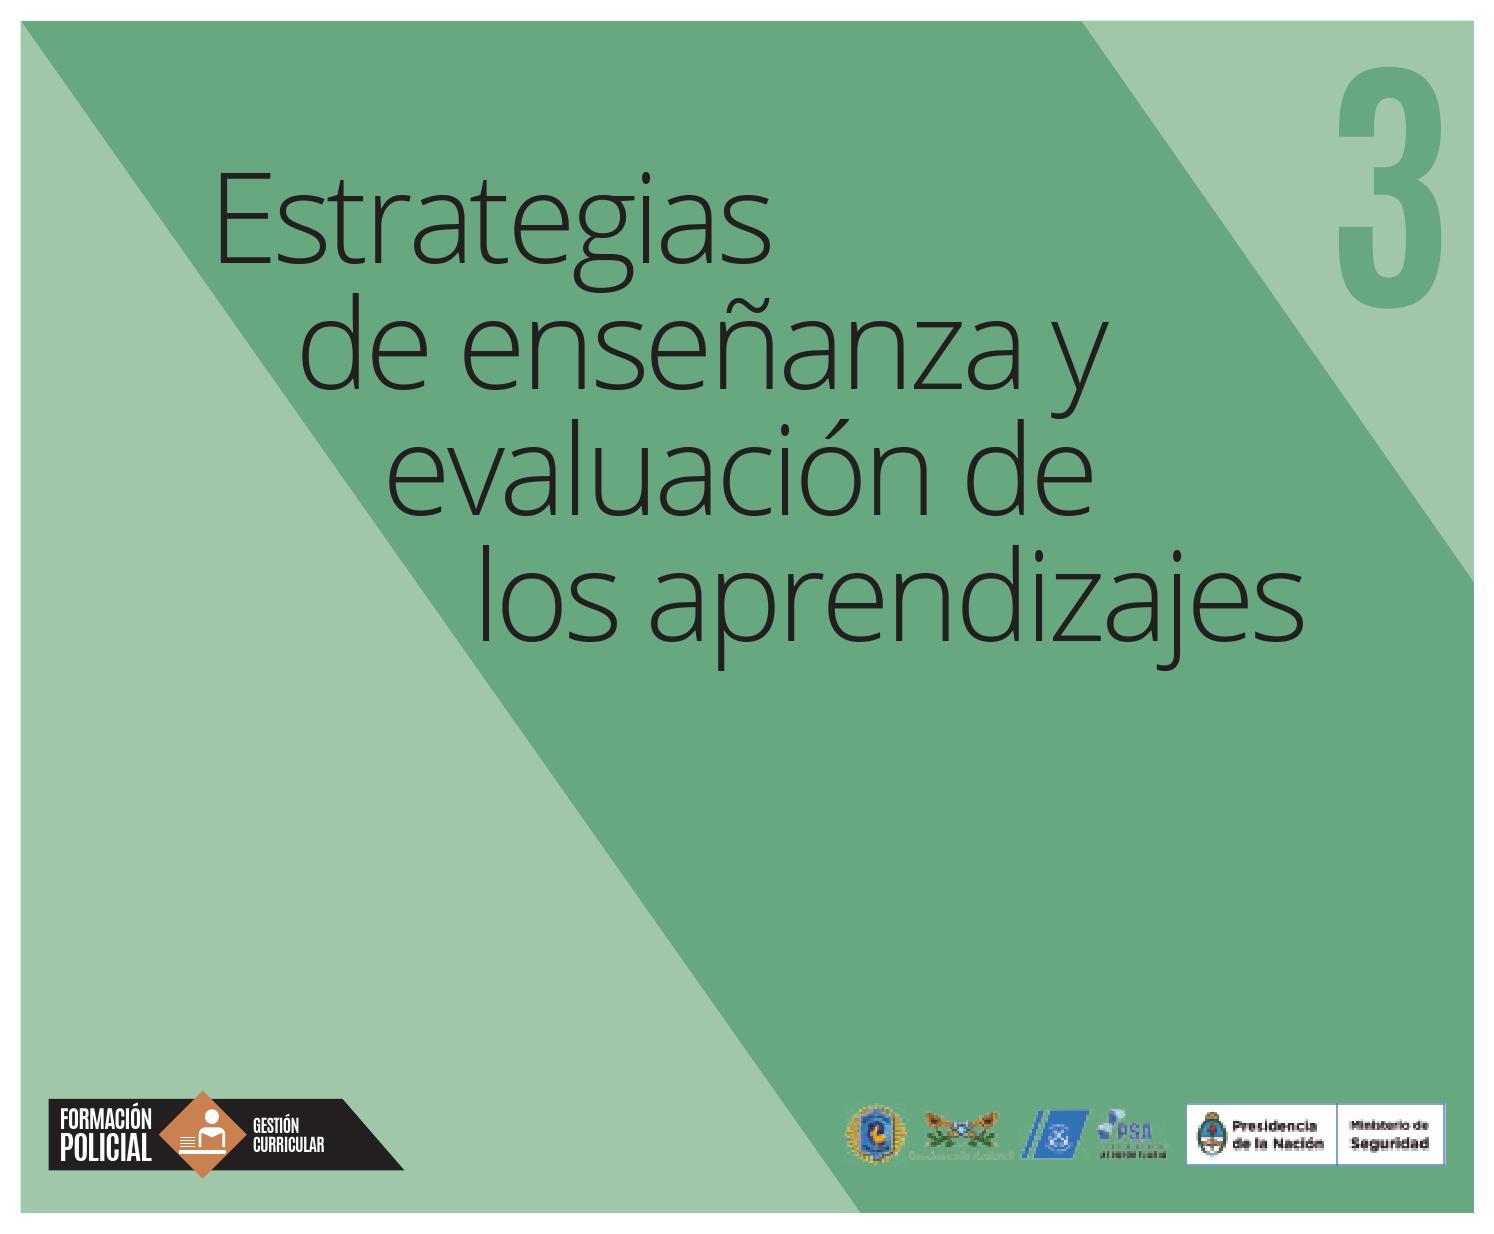 3 estrategias de ense anza y evaluaci n de los for Ministerio de ensenanza